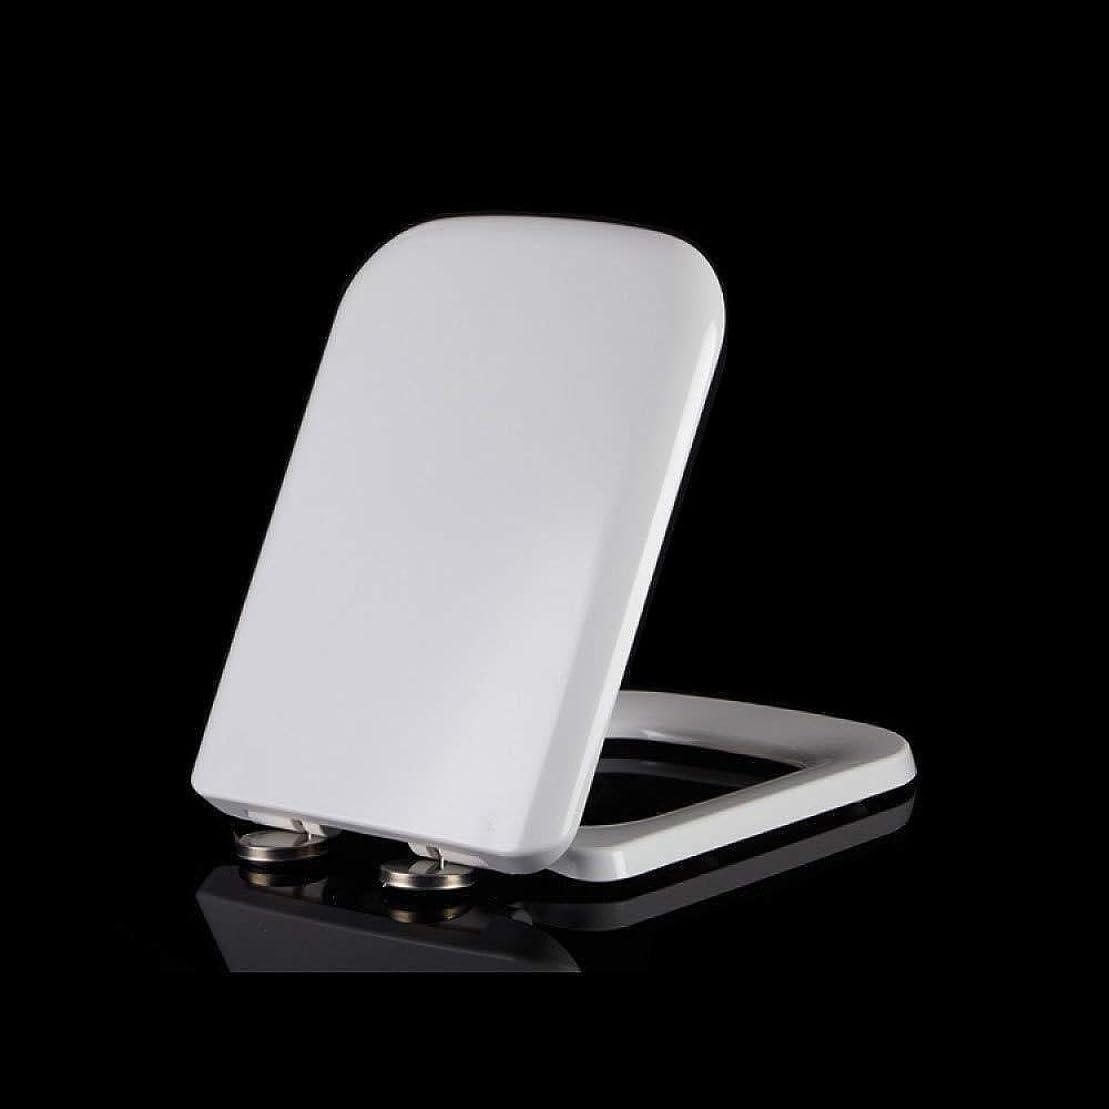 カーテン細胞チャレンジKTYXDE 長方形の便座、ソフトウェアラブルリリースヒンジ付きスーパーウェアラブルトップマウント厚手PPプレート便座 トイレのふた (Color : A)